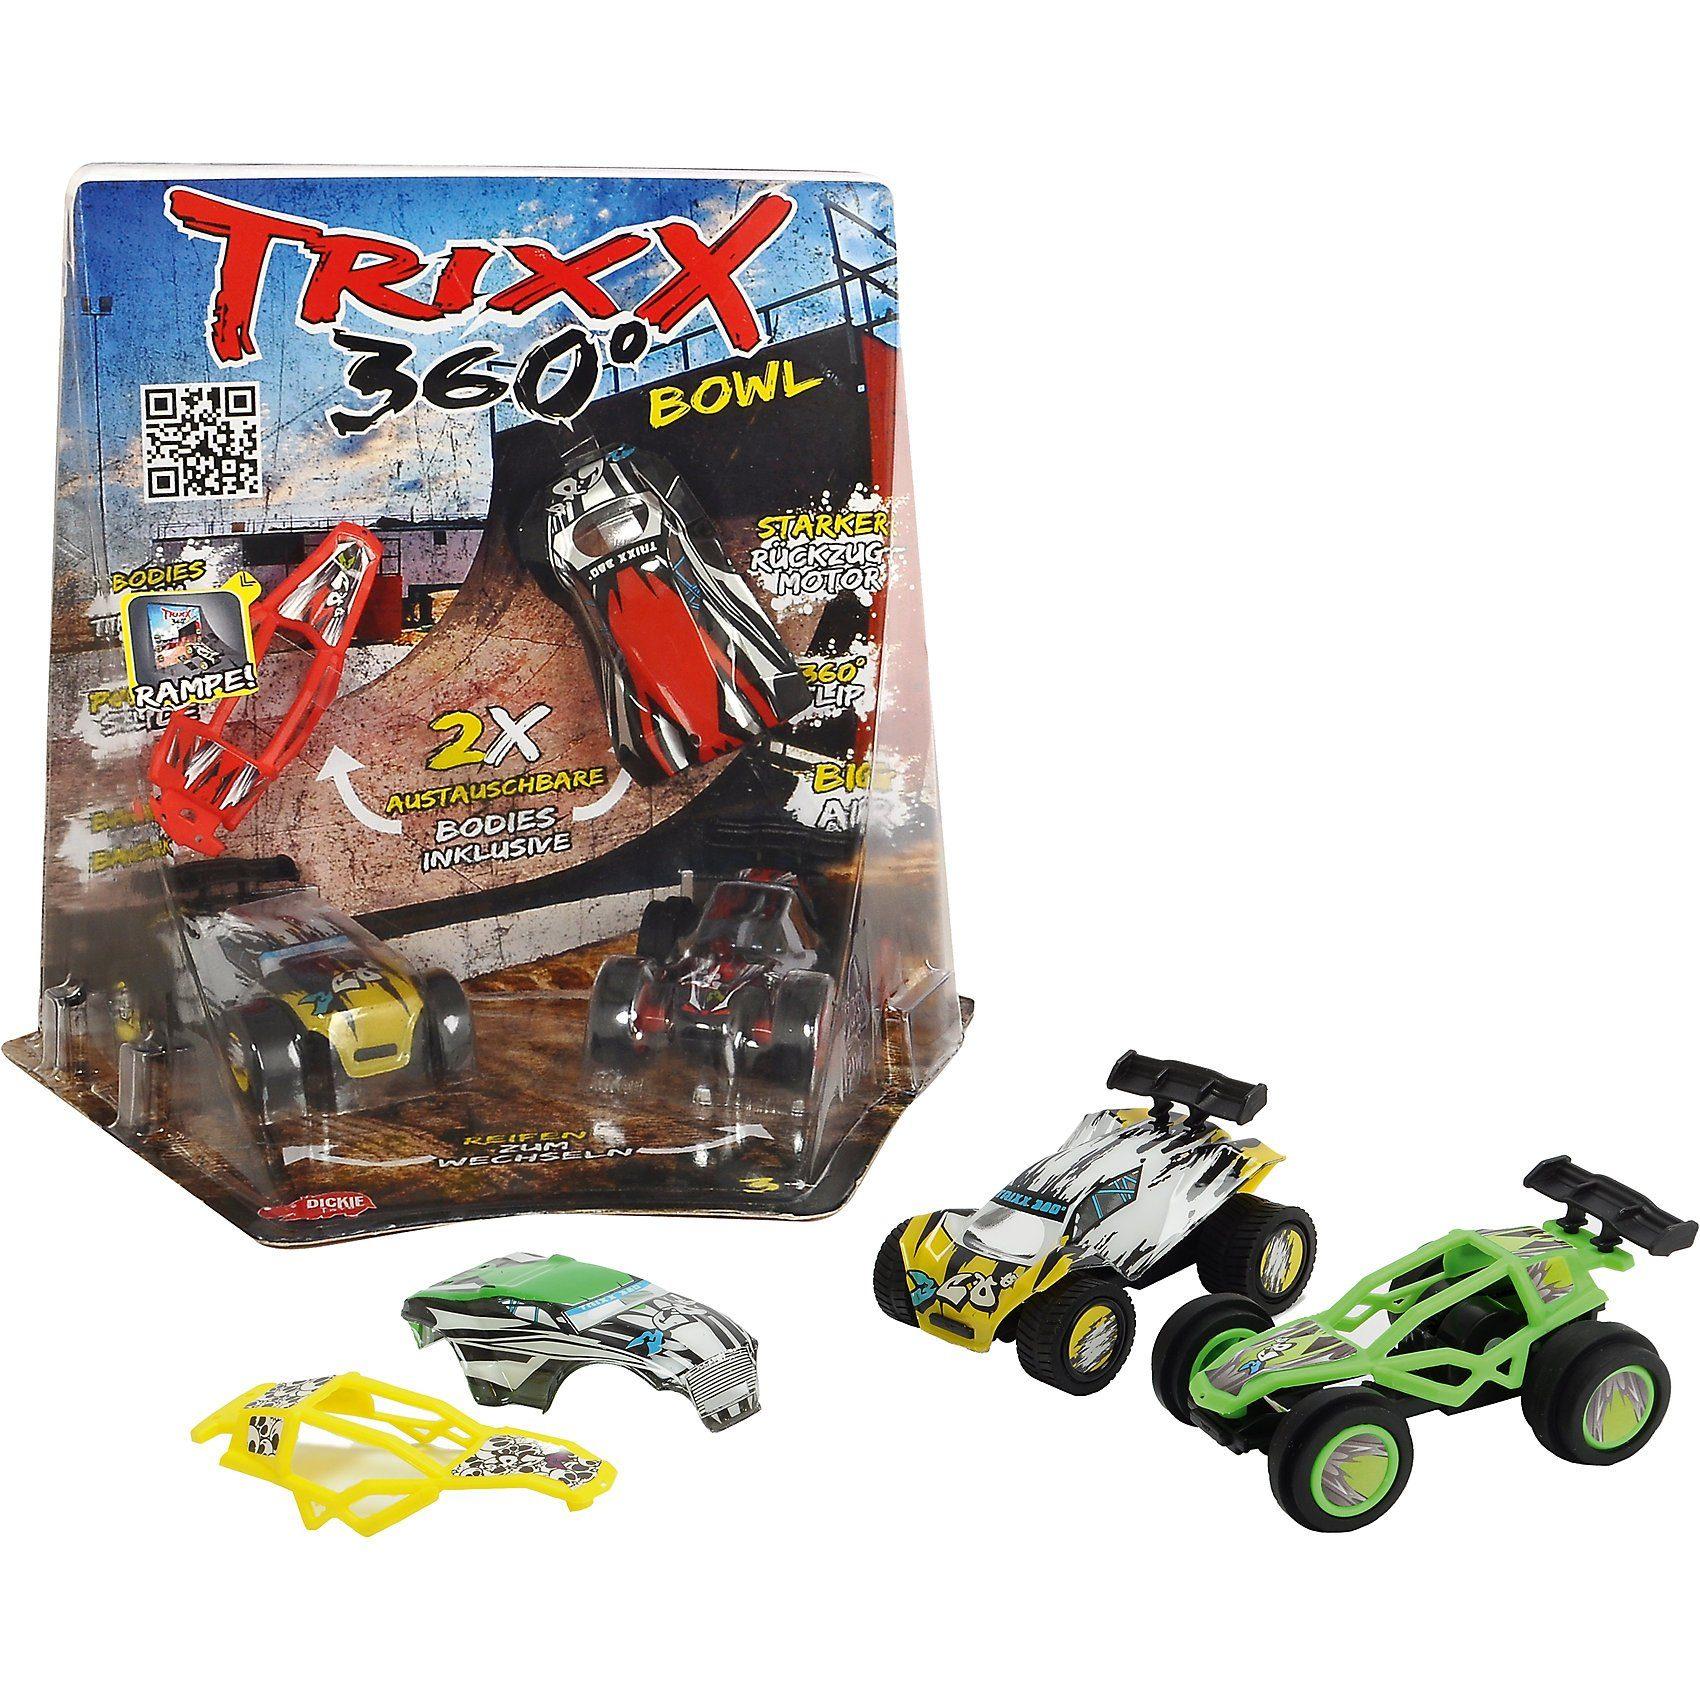 Dickie Toys TRXX04 Trixx 360 - Corner Bowl Ramp